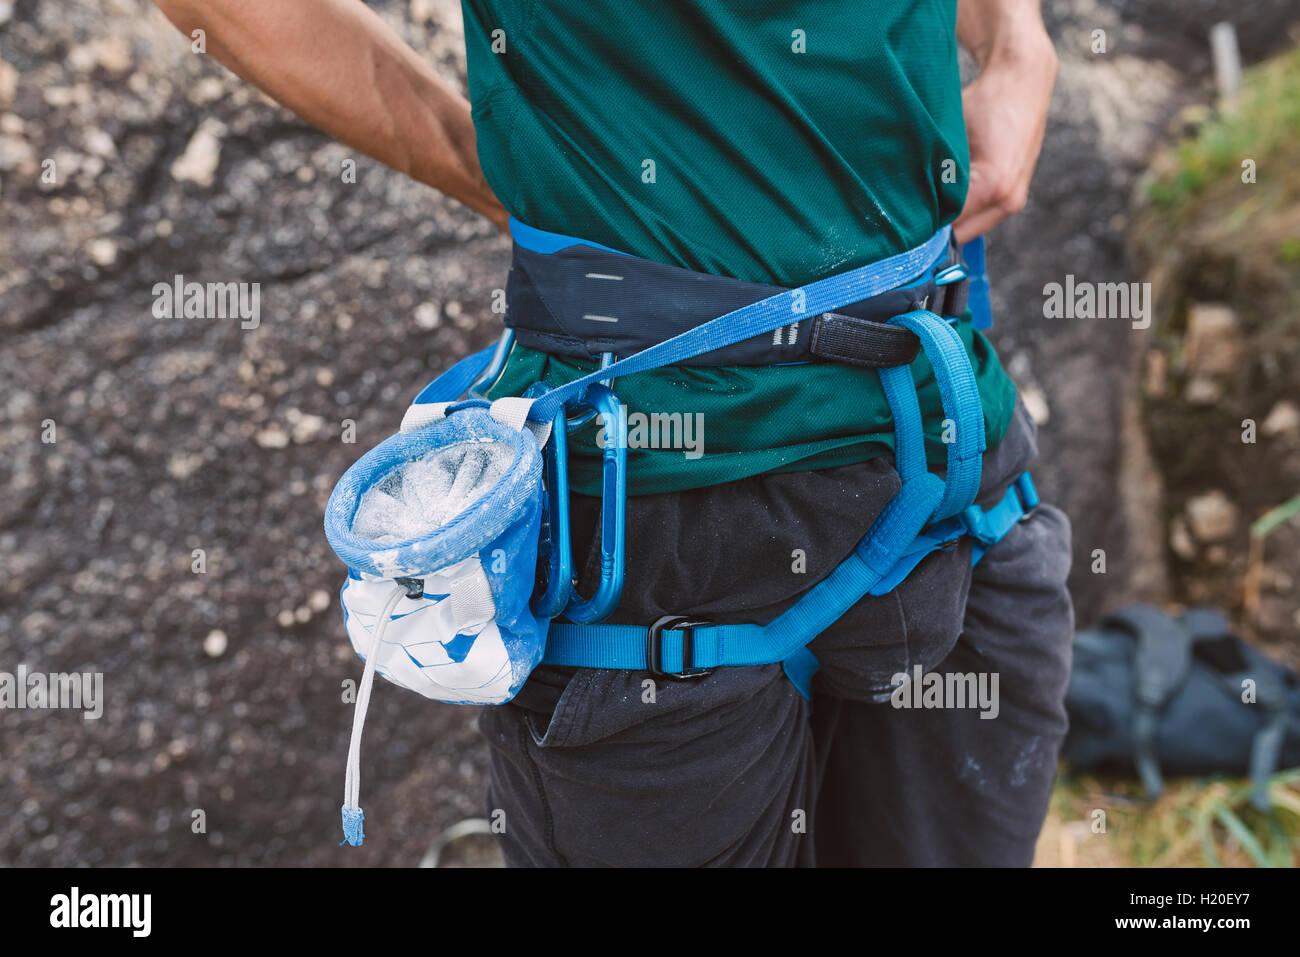 Klettergurt Tasche : Haltbarkeit und pflege von klettergurten